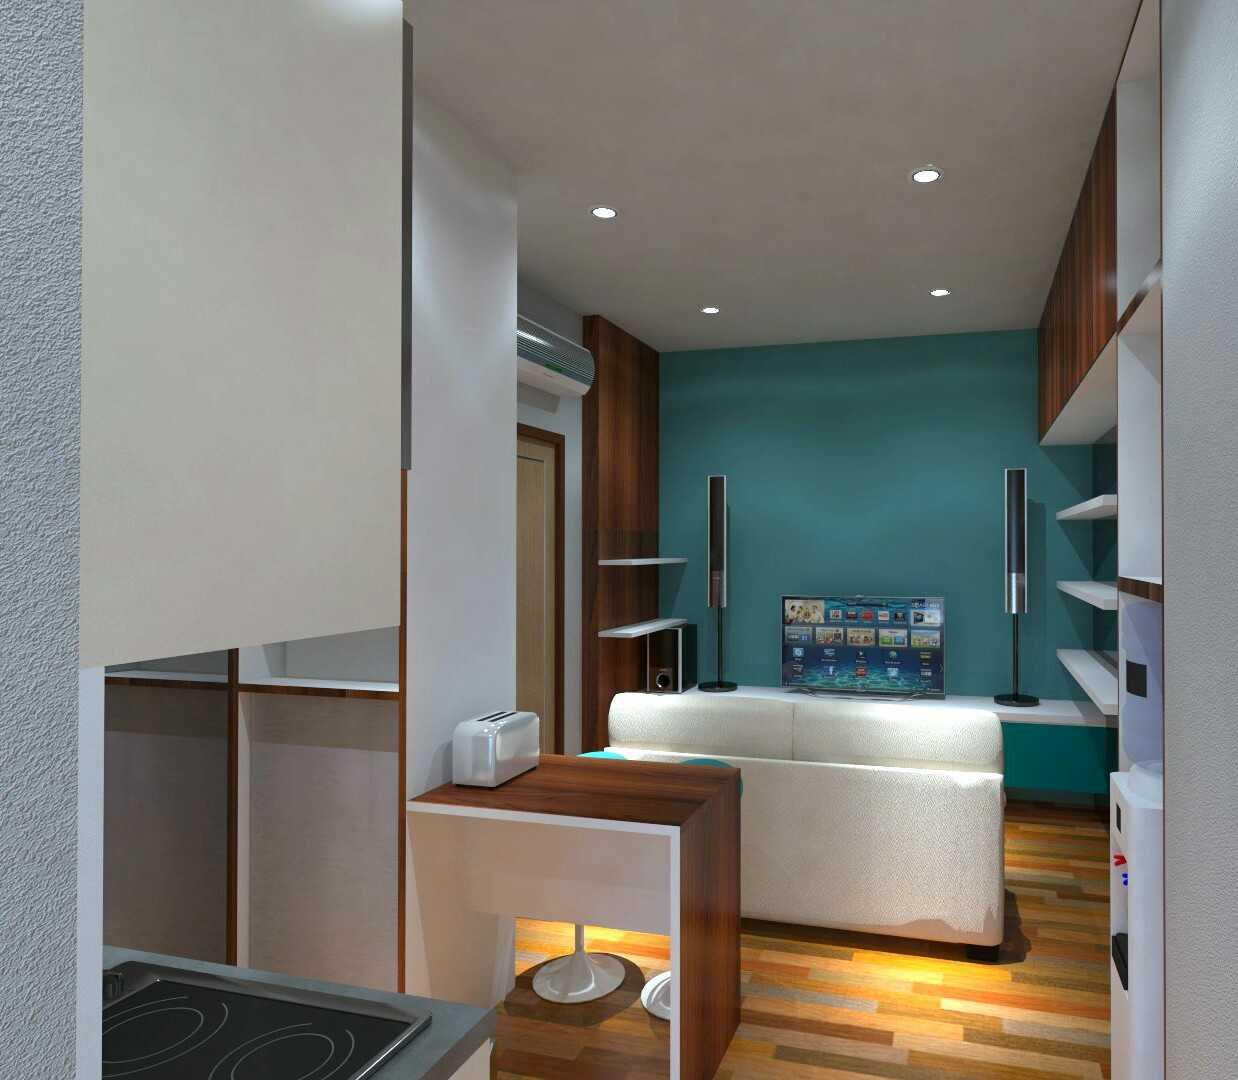 Chai Twin Co Apartment Casablanca East Residence East Jakarta, East Jakarta City, Jakarta, Indonesia East Jakarta, East Jakarta City, Jakarta, Indonesia Img20170628225400 Modern  36488